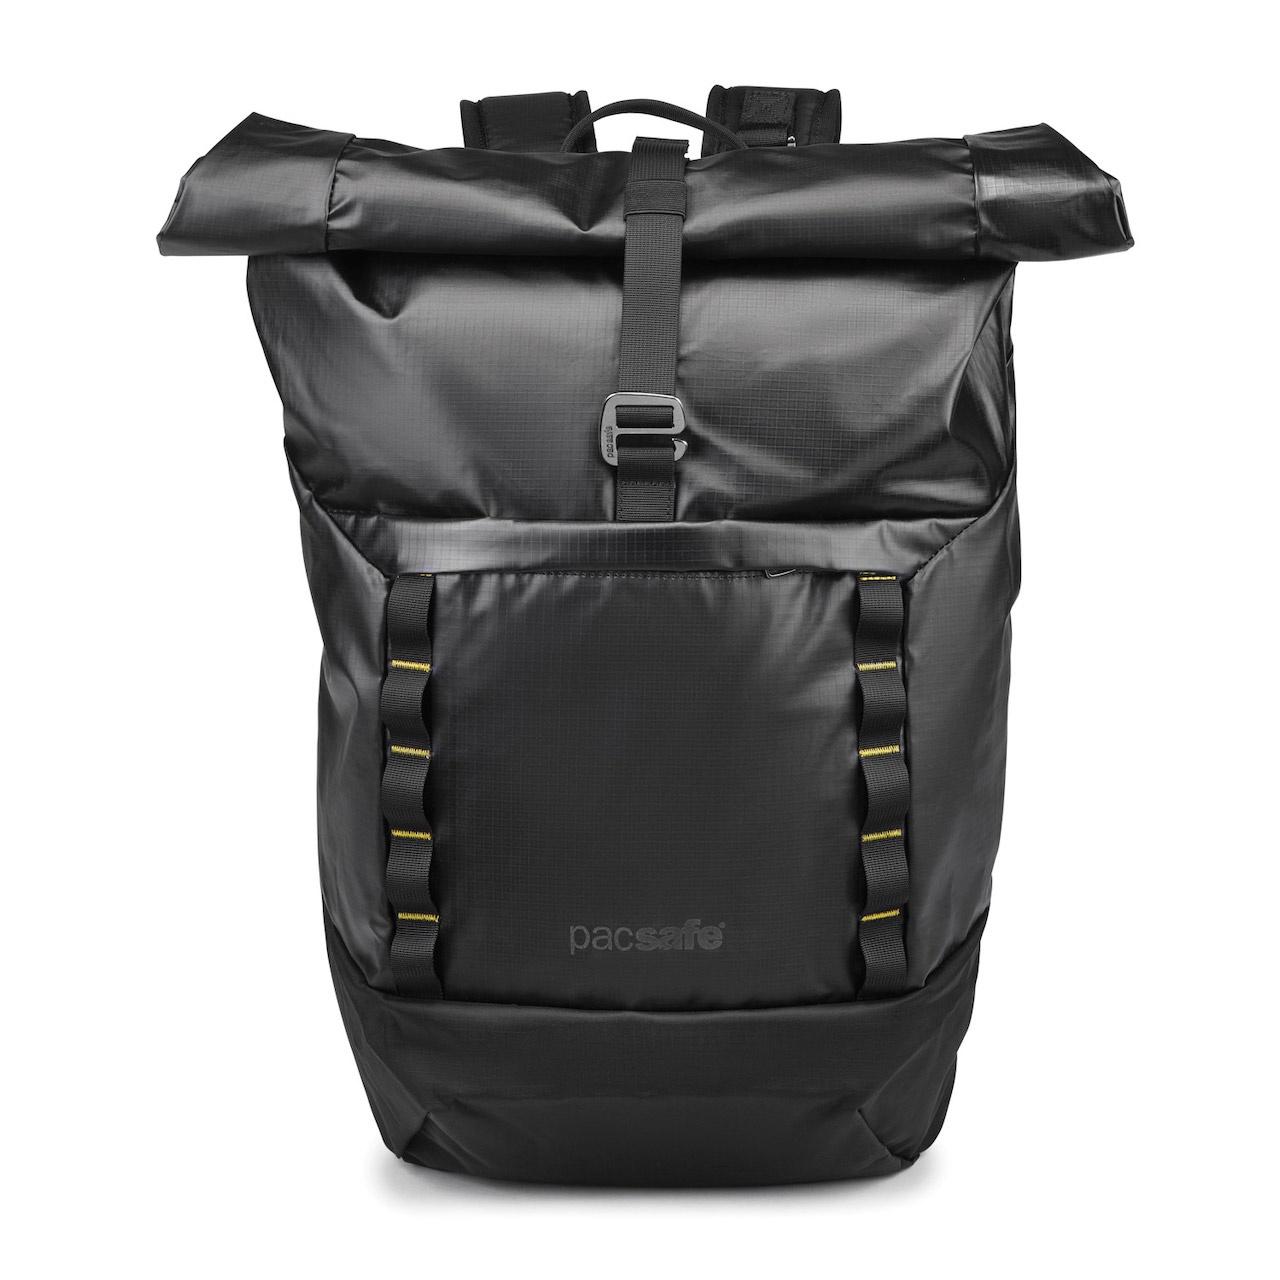 Фото - Рюкзак Pacsafe антивор Dry Lite 30L, цвет: черный, 30 л., черный рюкзак moshi helios lite для ноутбуков размером до 15 дюймов цвет черный материал полиэстер нейлон цвет серый черный